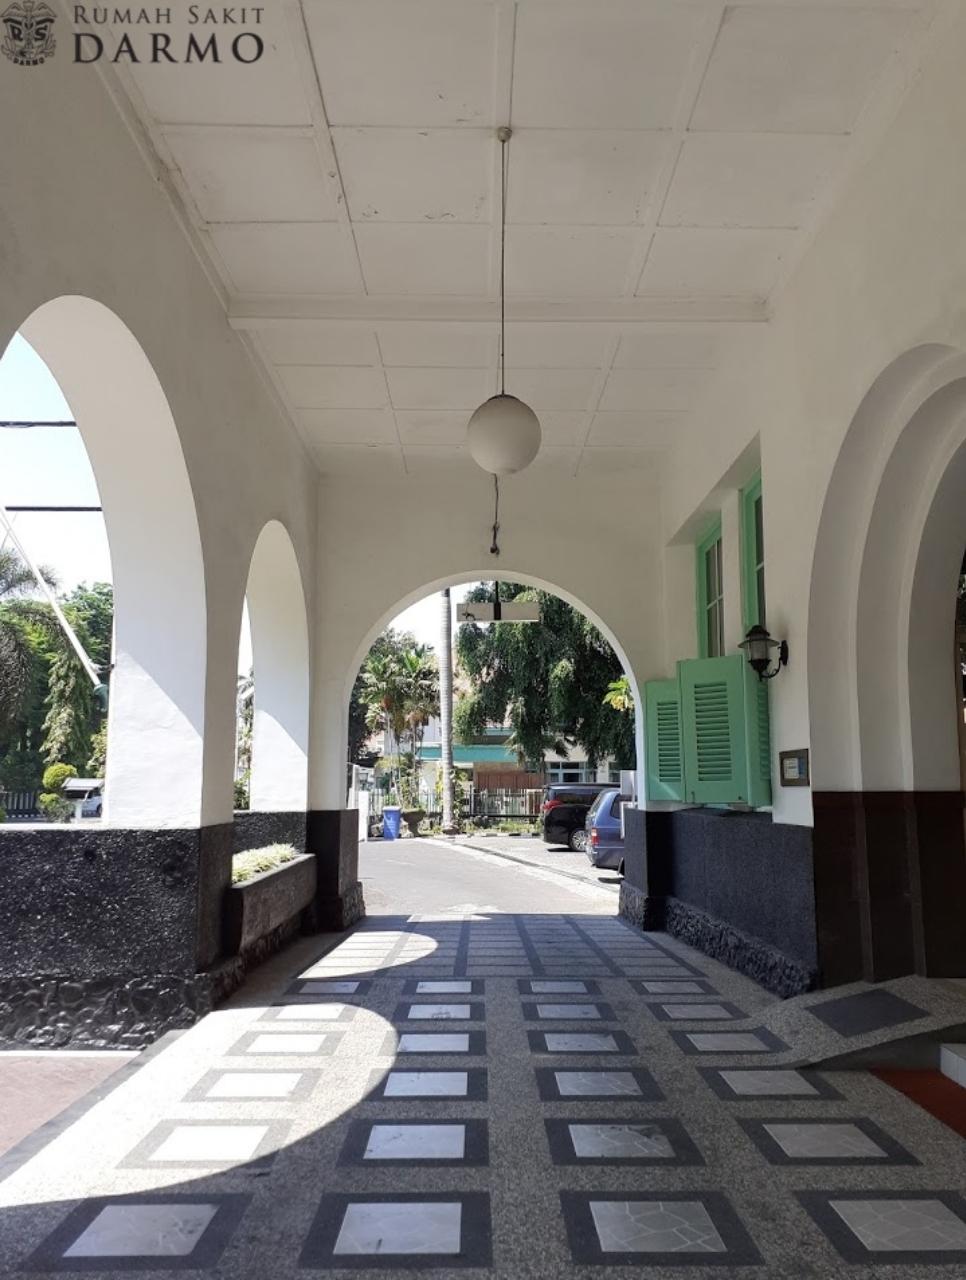 Rumah Sakit Darmo Surabaya